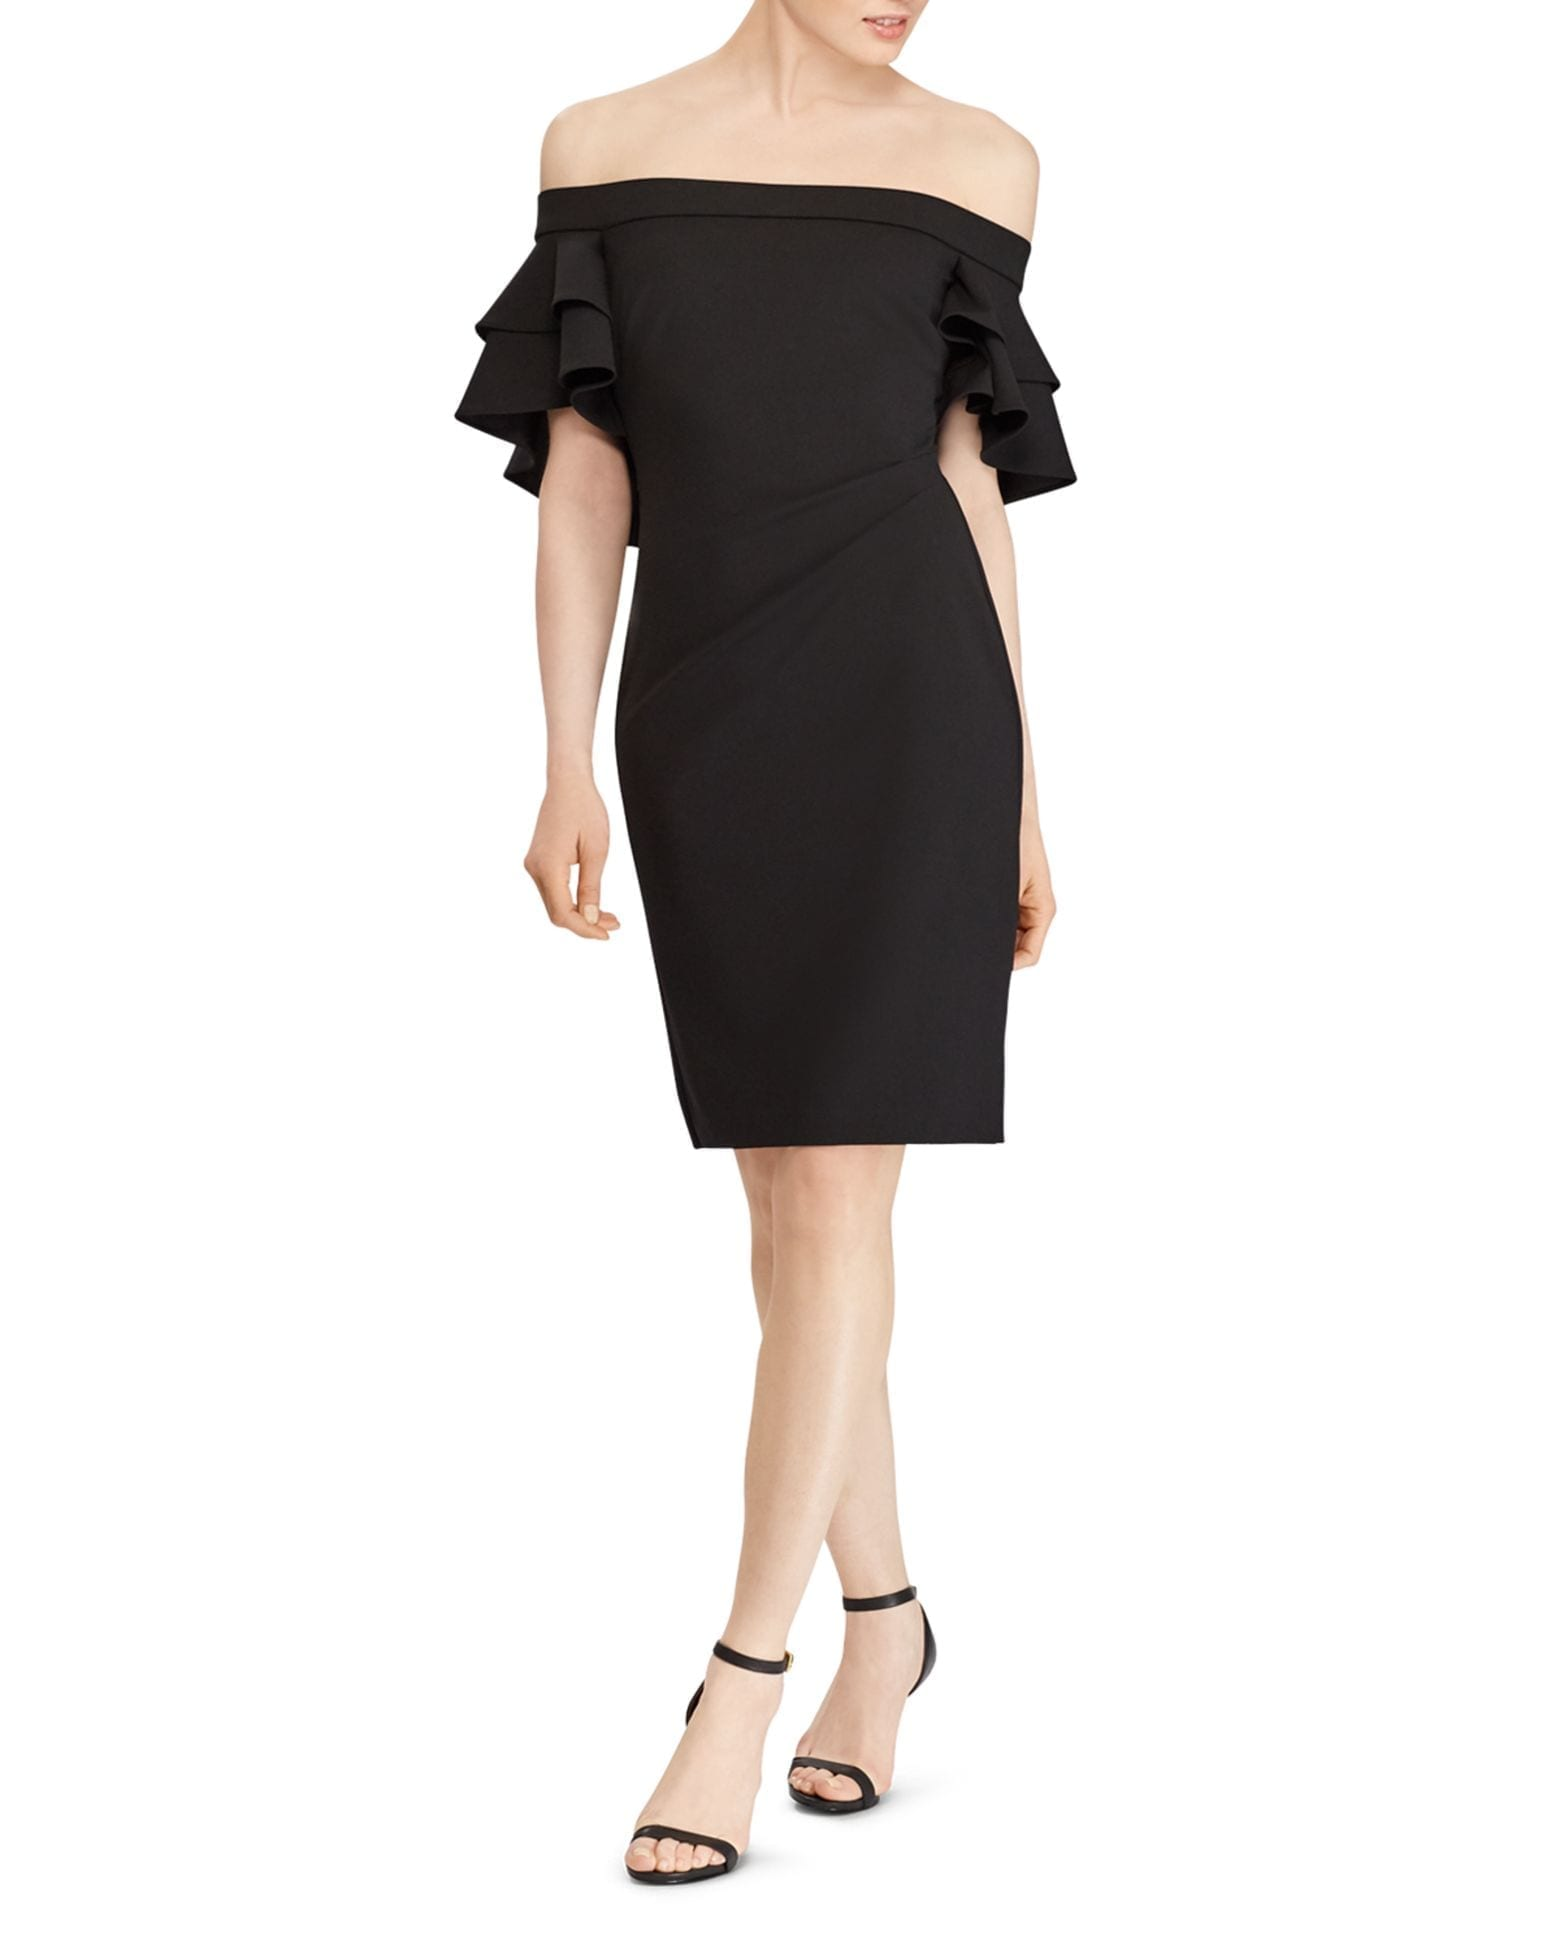 LAUREN RALPH LAUREN Ruffled Off-the-Shoulder Crepe Dress